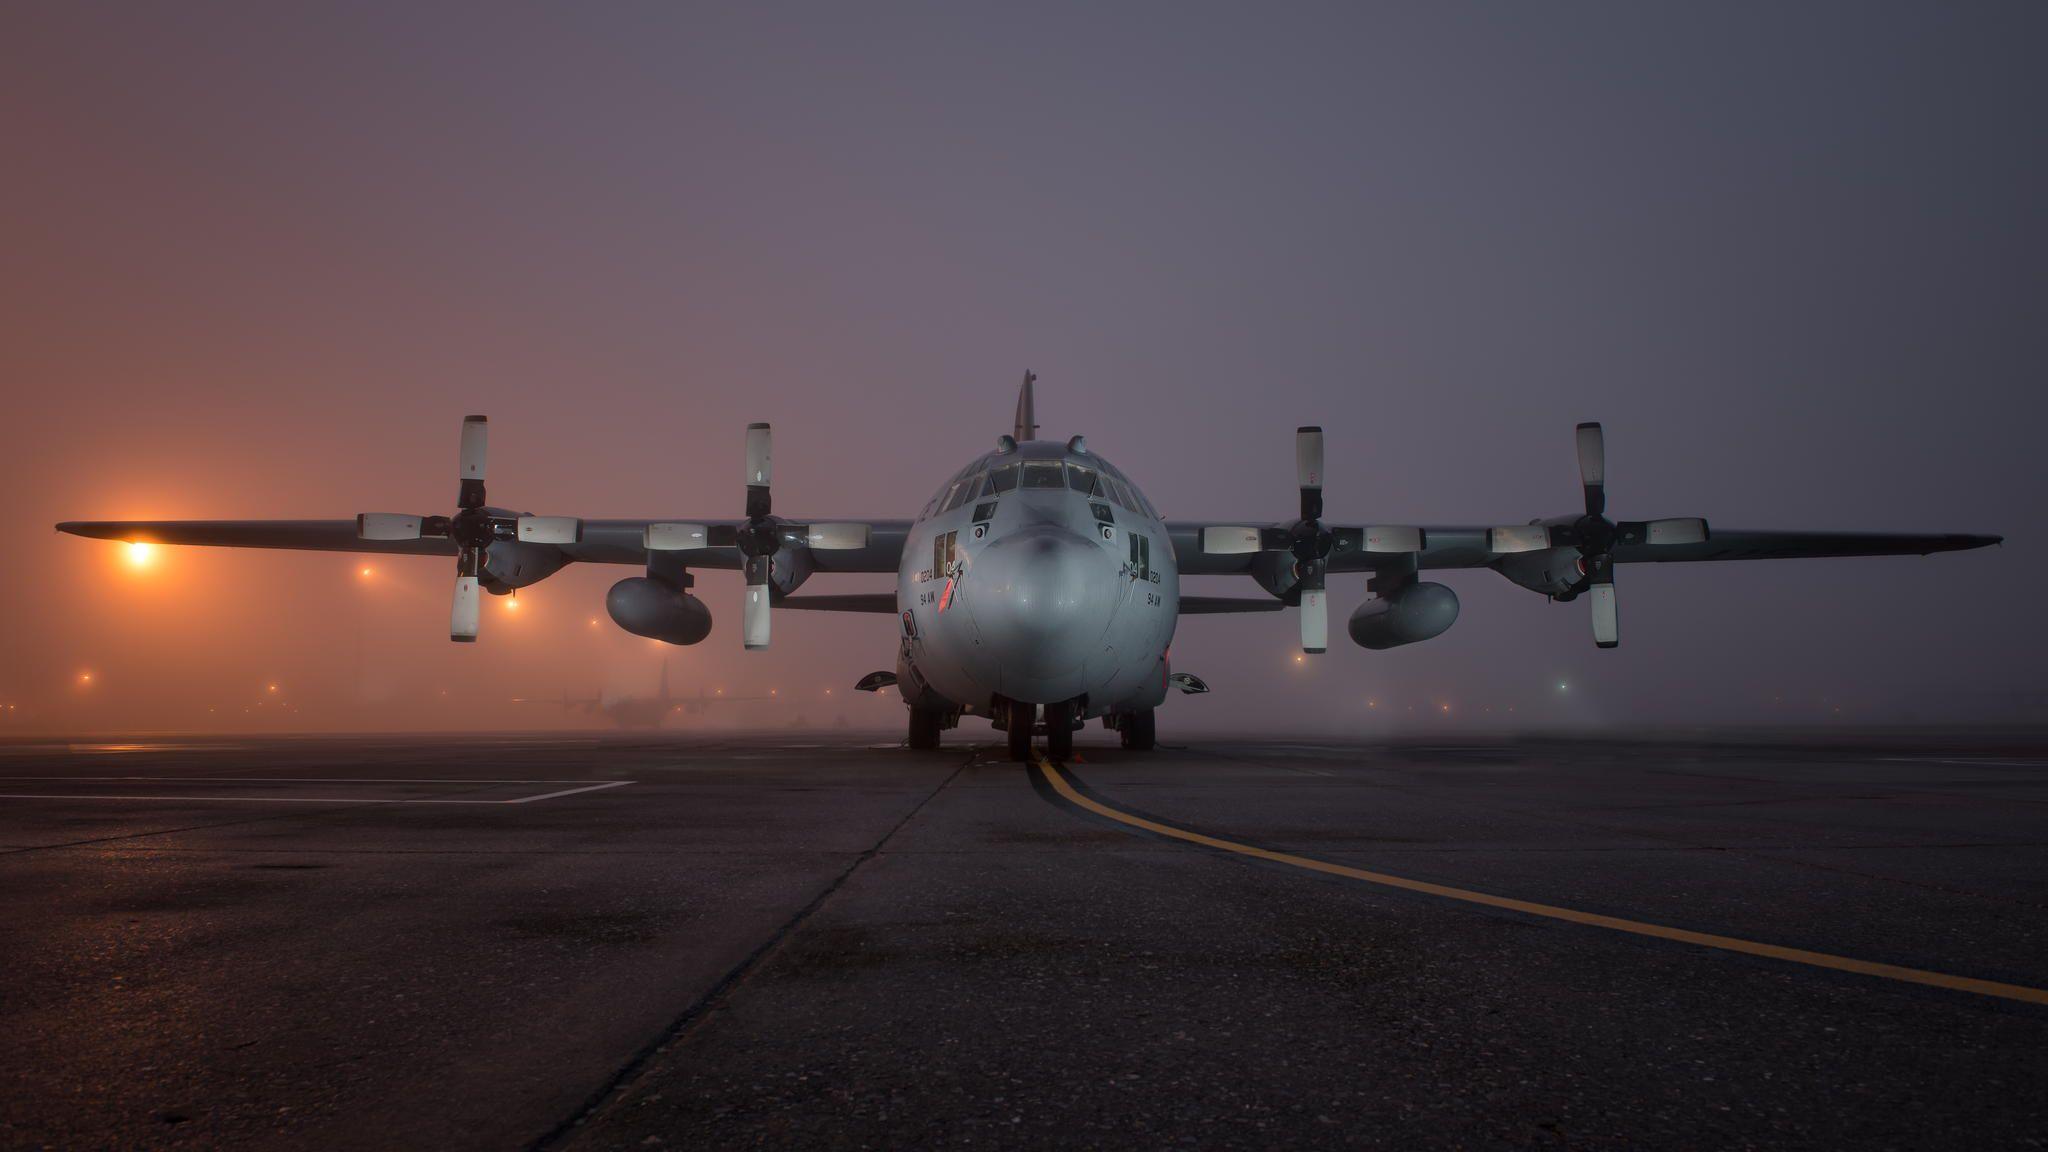 Hercules At Night Hercules C130 Hercules Before Sunrise